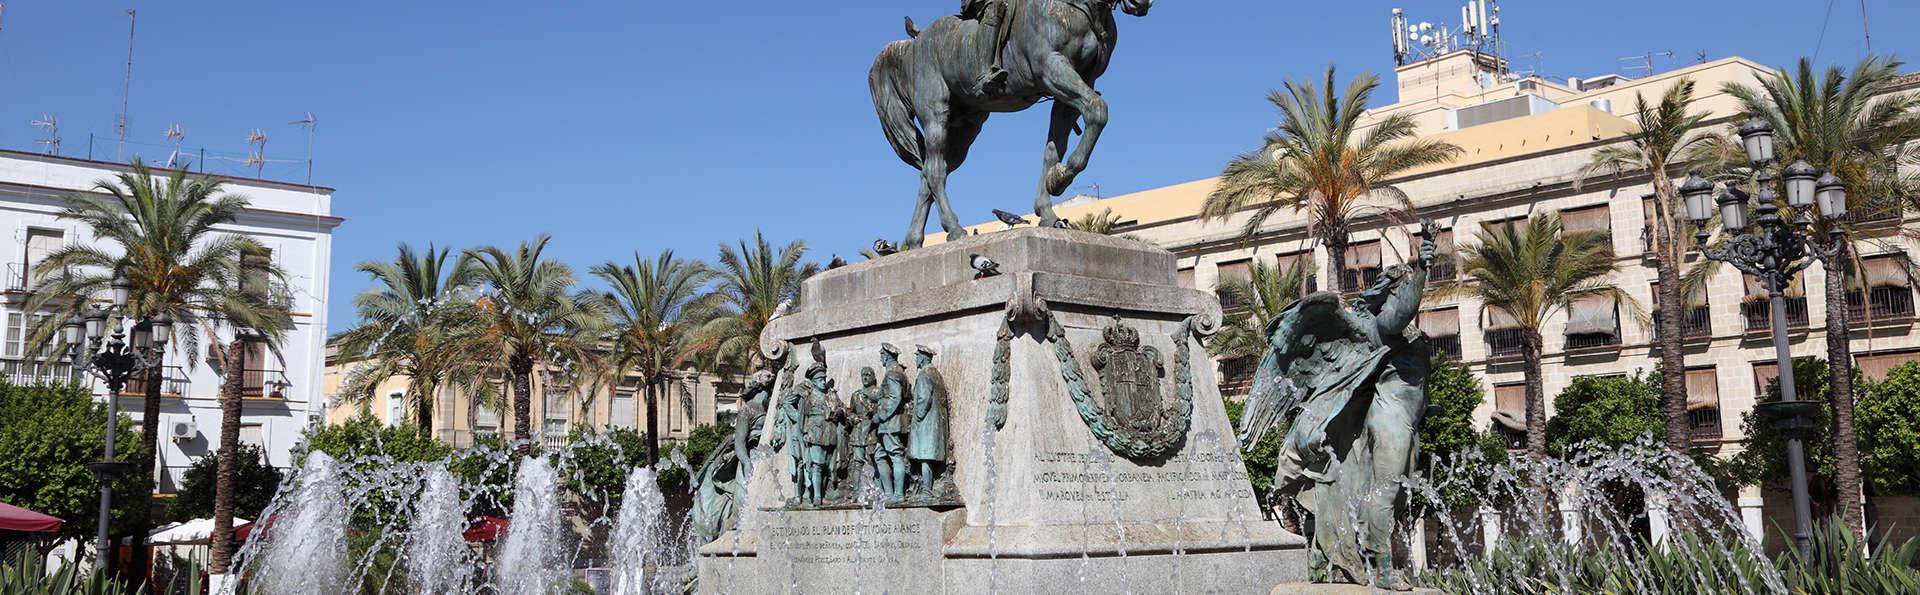 Découvrez Jerez de la Frontera dans un hôtel du centre-ville